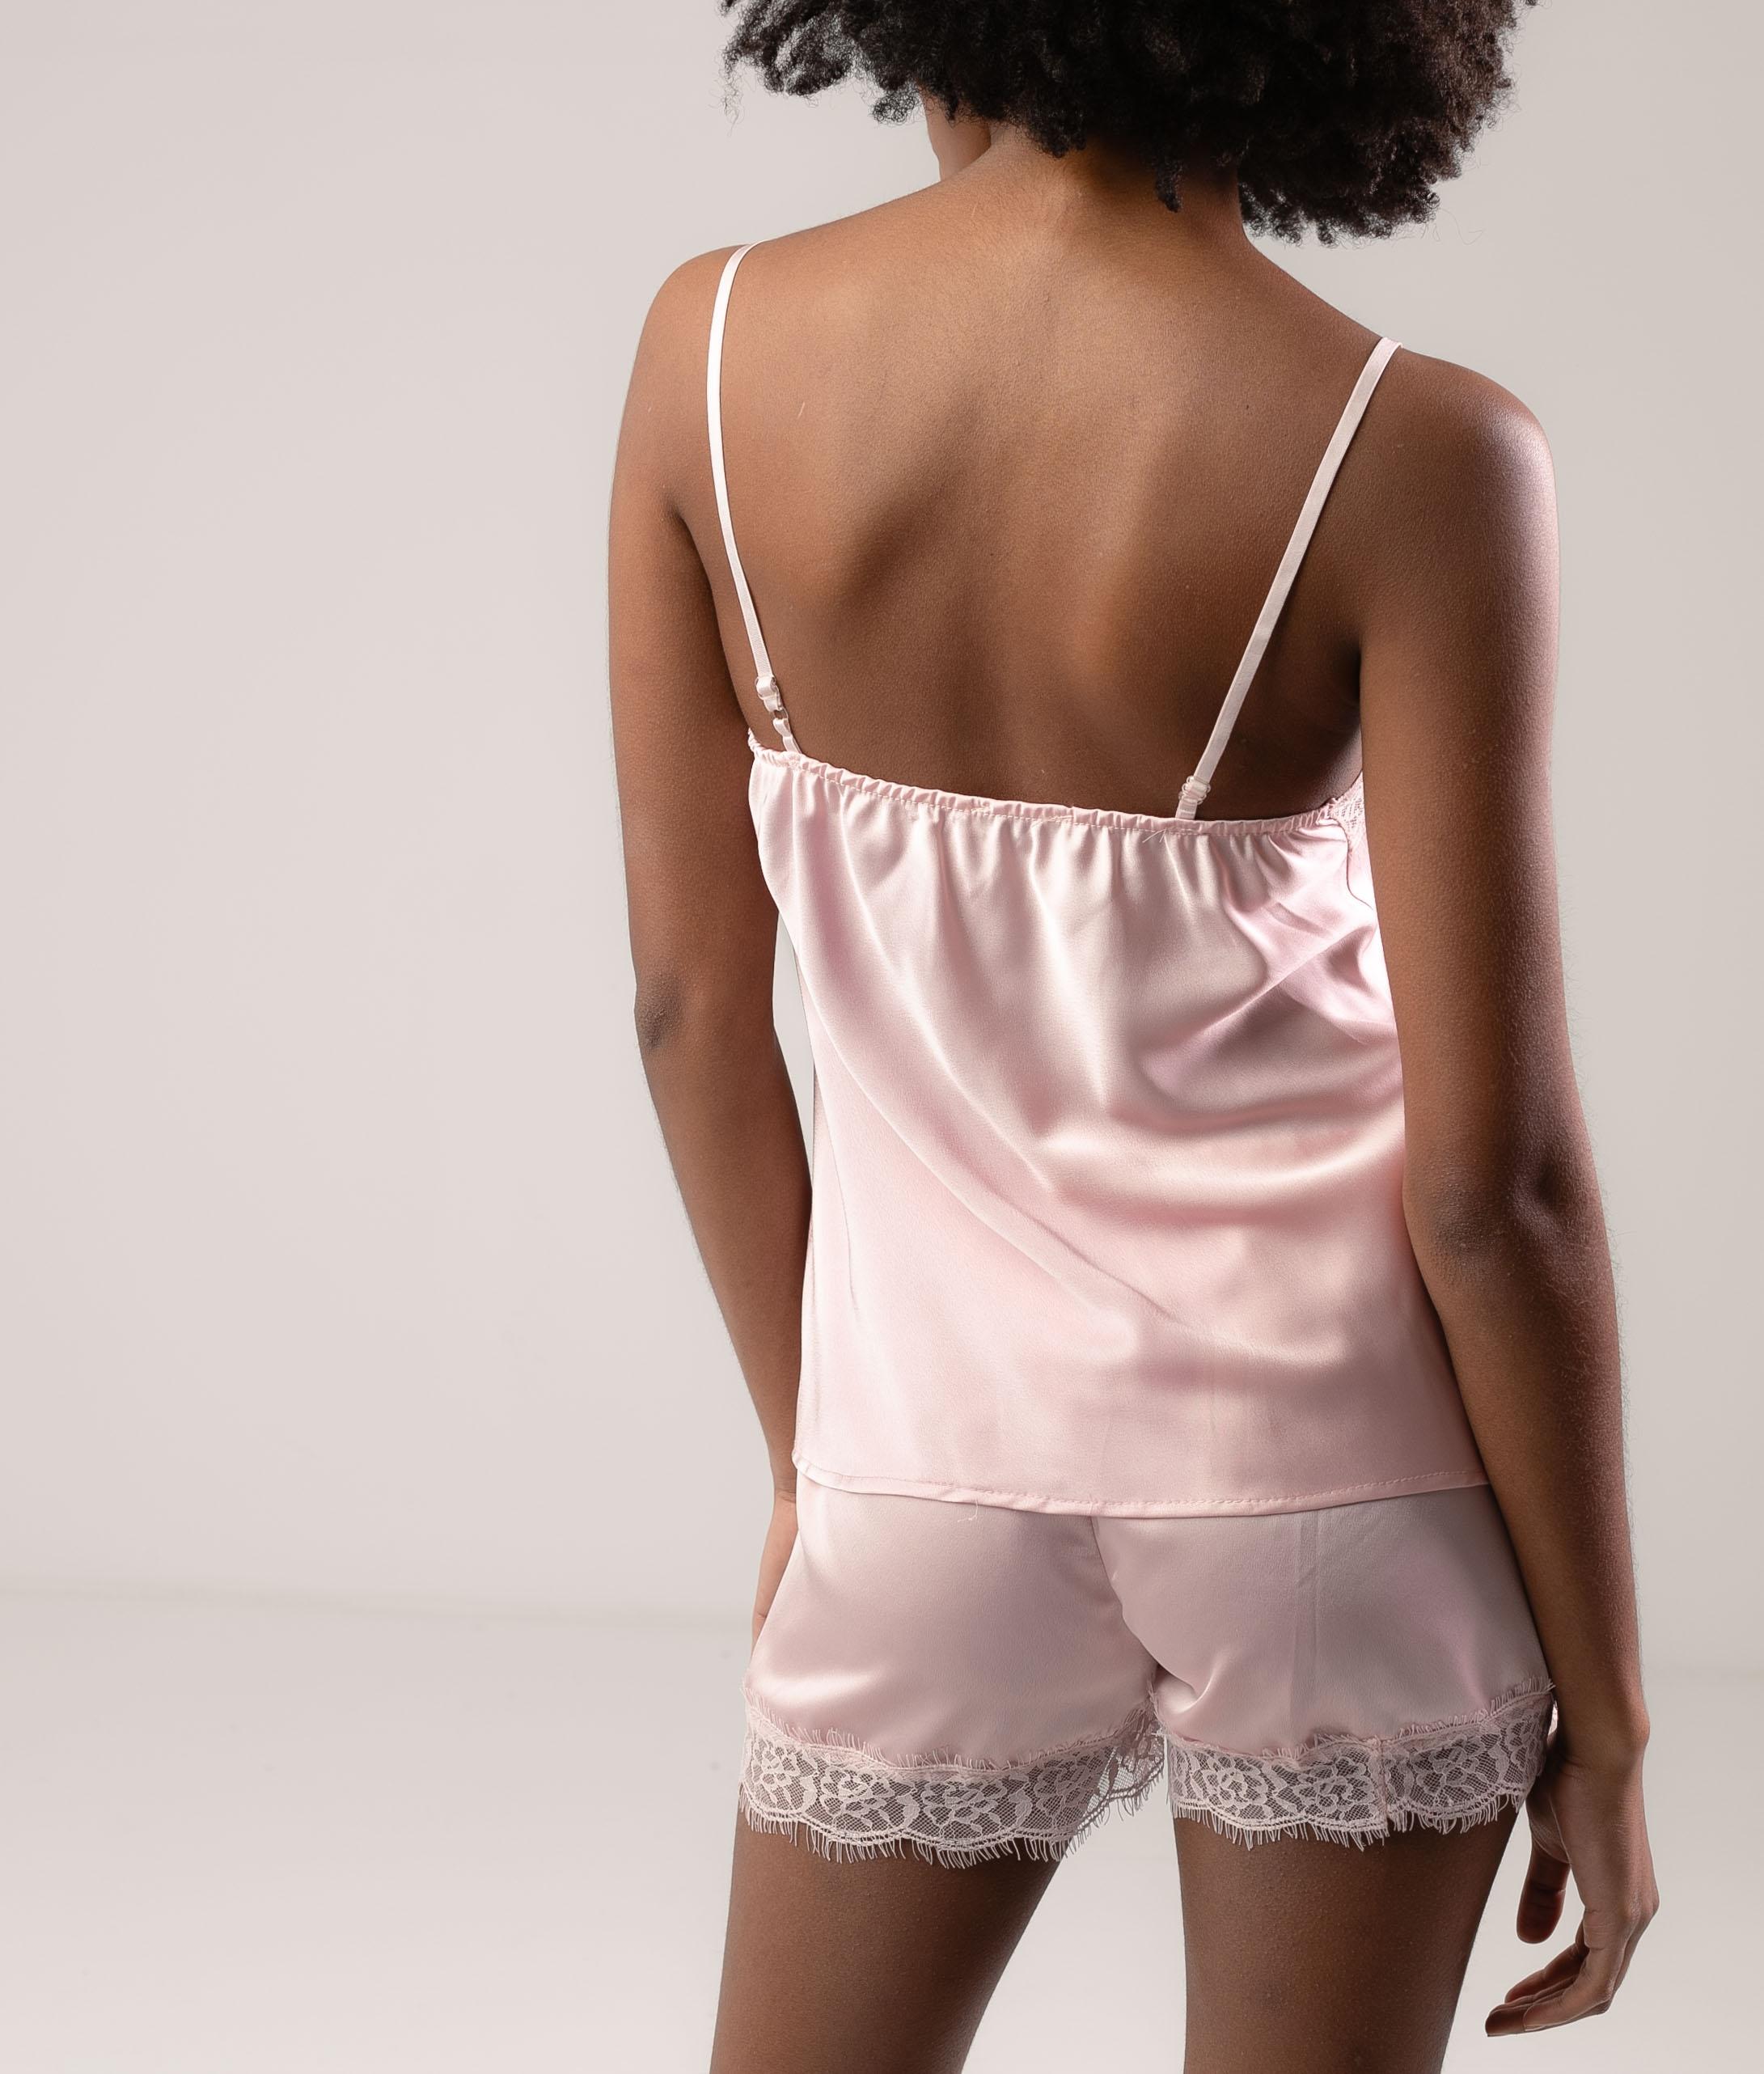 Beodo Cerabur - Pink